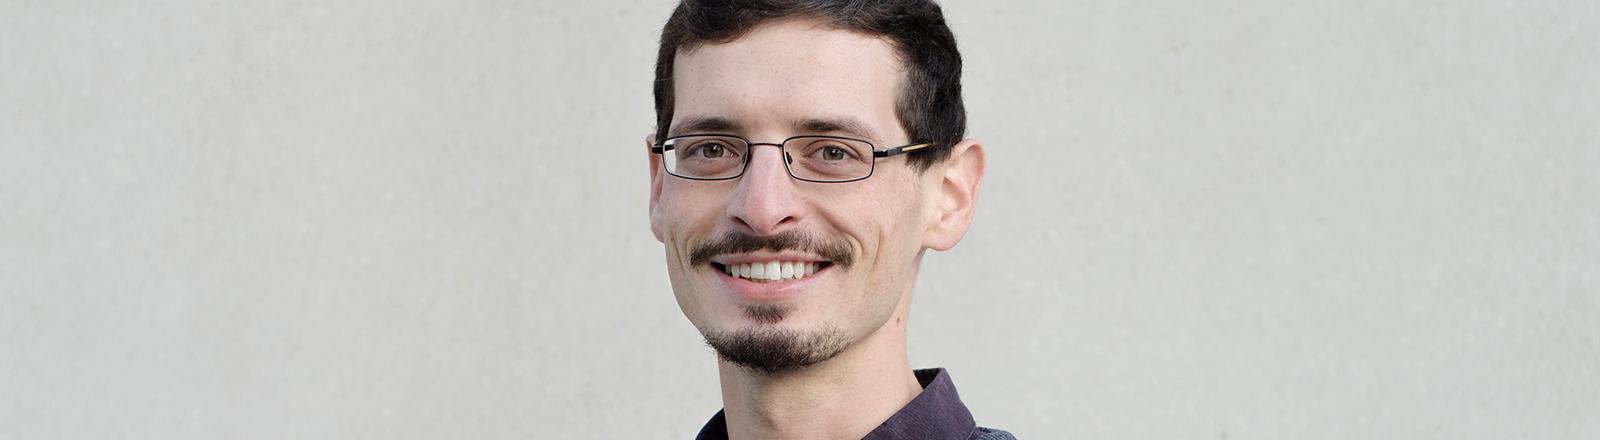 Junger Mann mit Brille